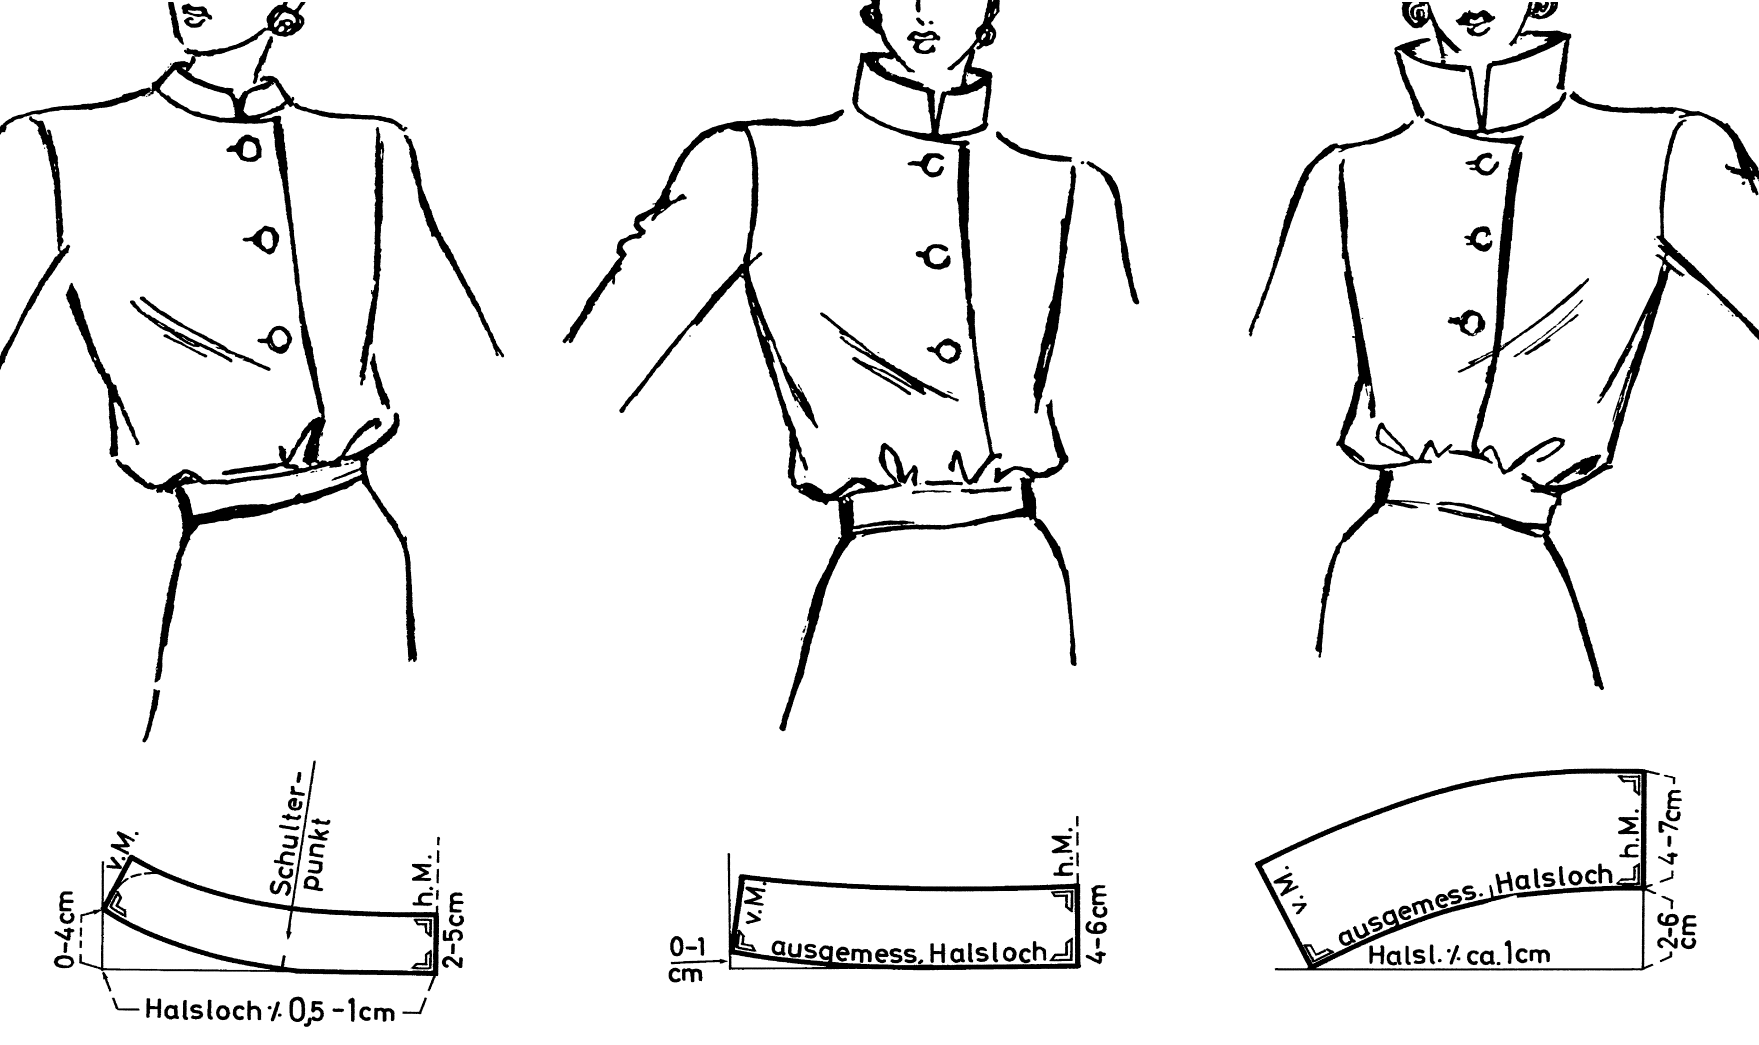 Zu sehen sind drei verschiedene Stehkragen Modelle und deren Schnittkonstruktion.